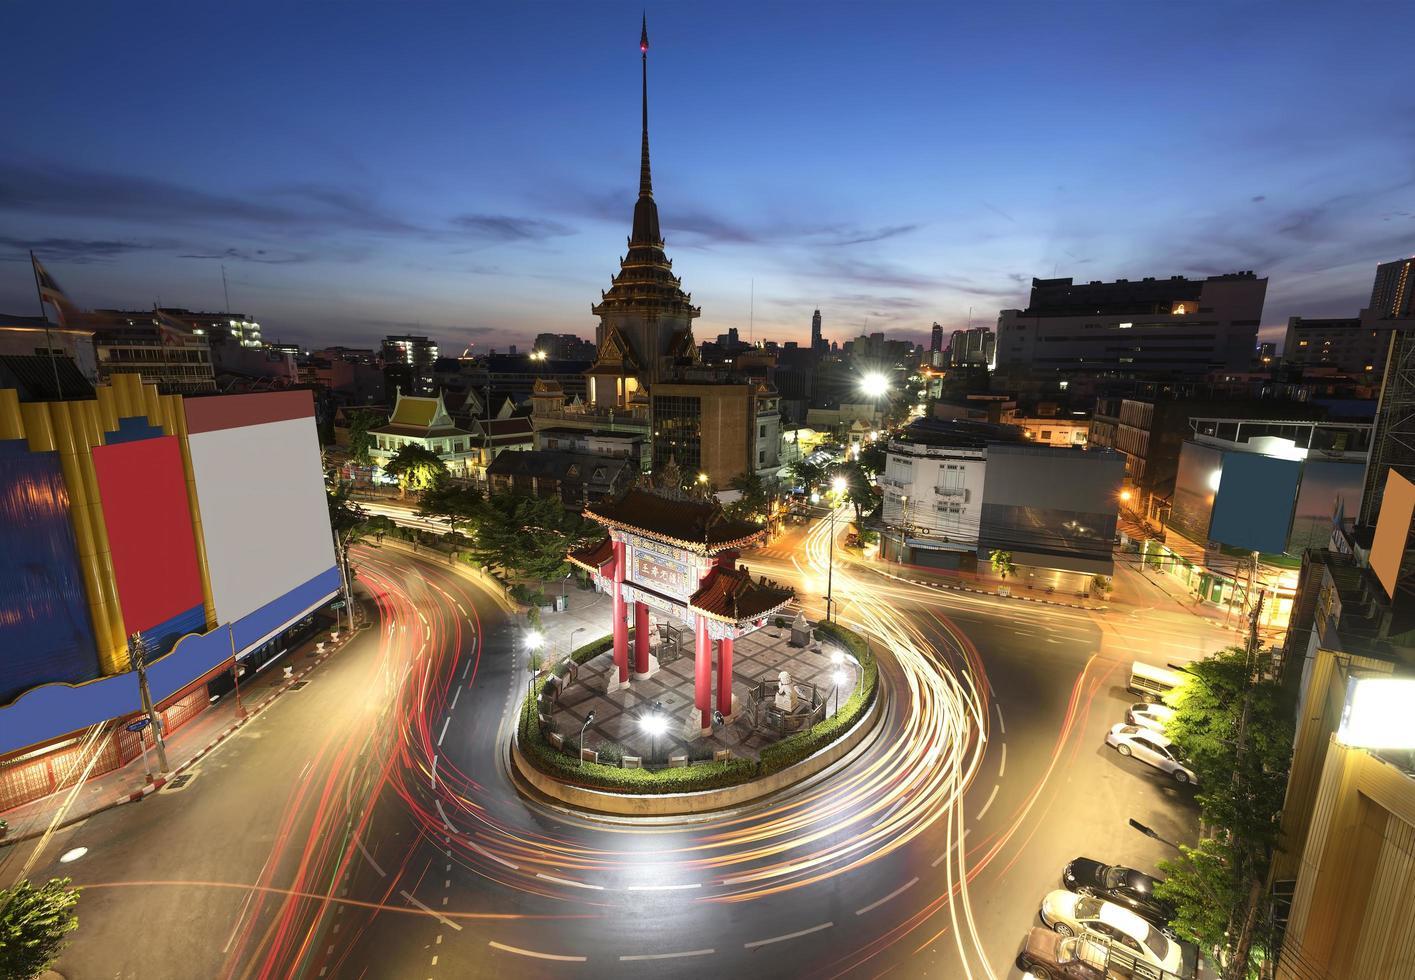 de poortboog en tempel, thailand, lange blootstelling foto